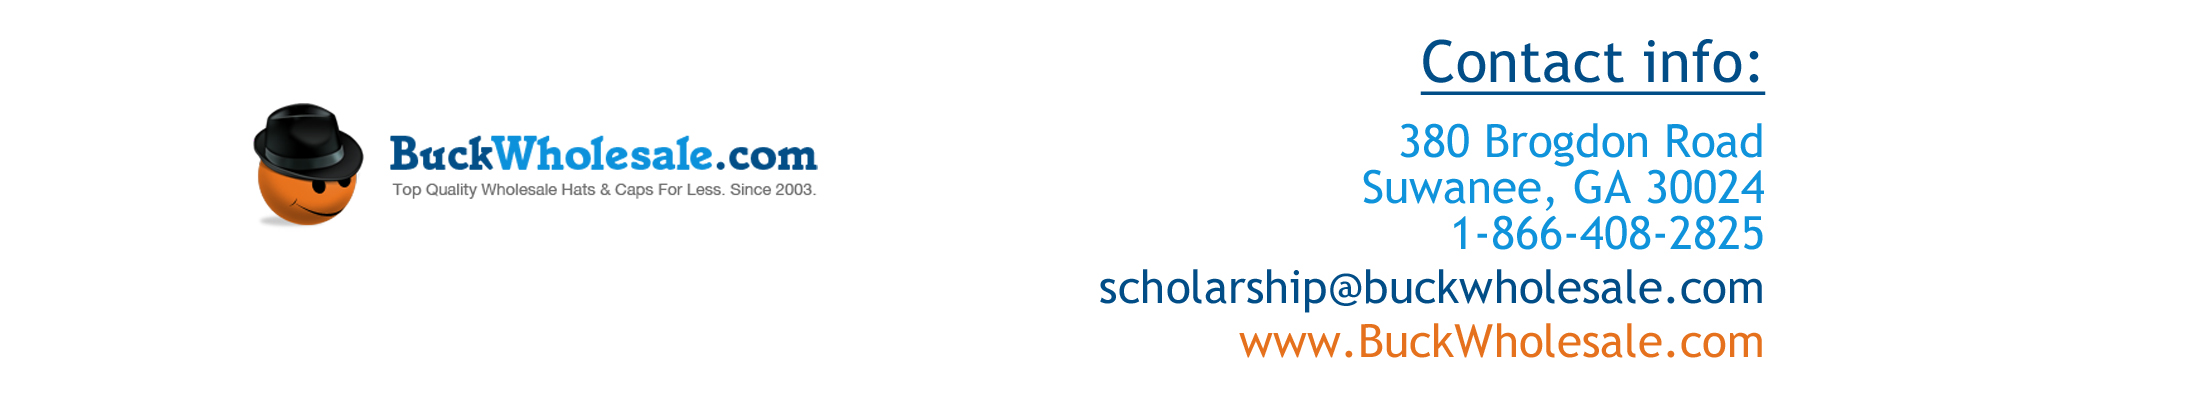 scholarship-contact-info-buckwholesale2.jpg